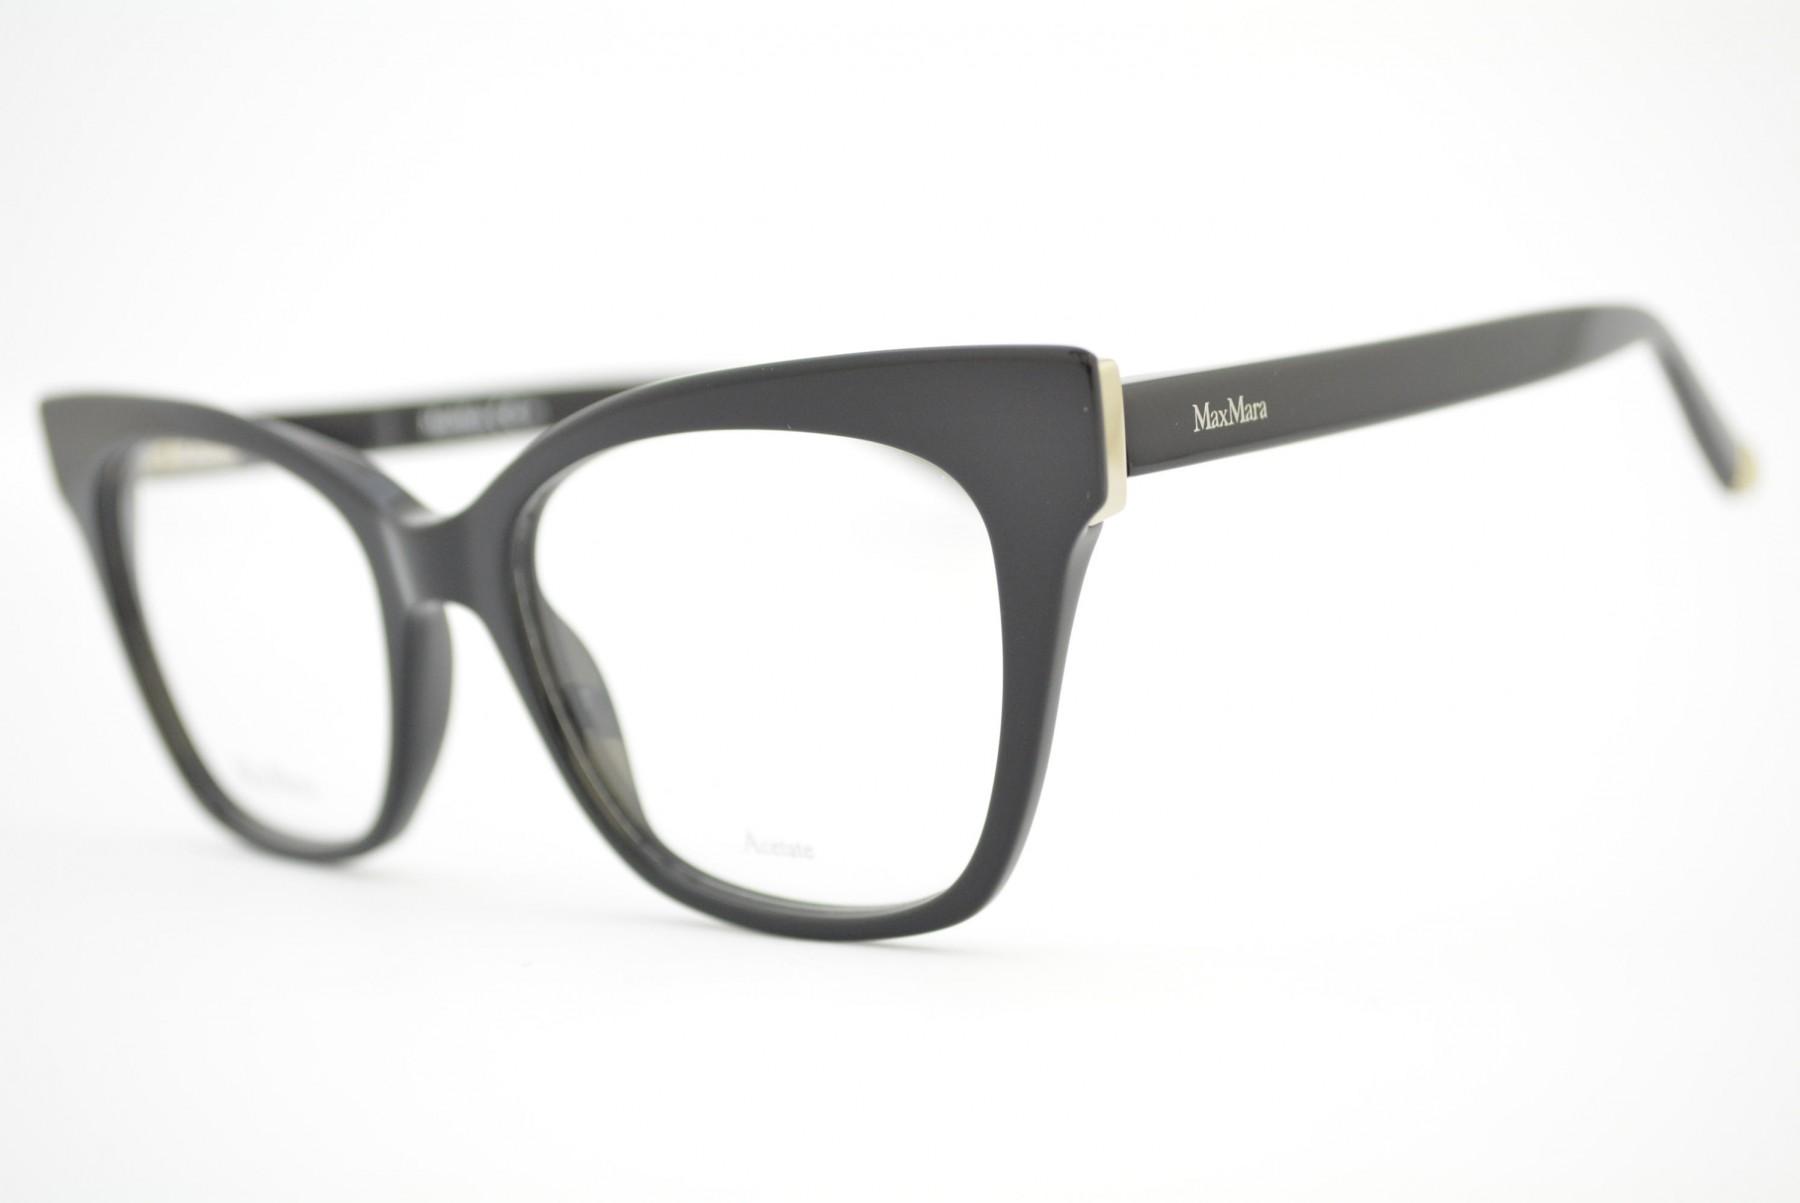 2d0820c6d armação de óculos Max Mara mod mm1318 807. Código: mm1318 807